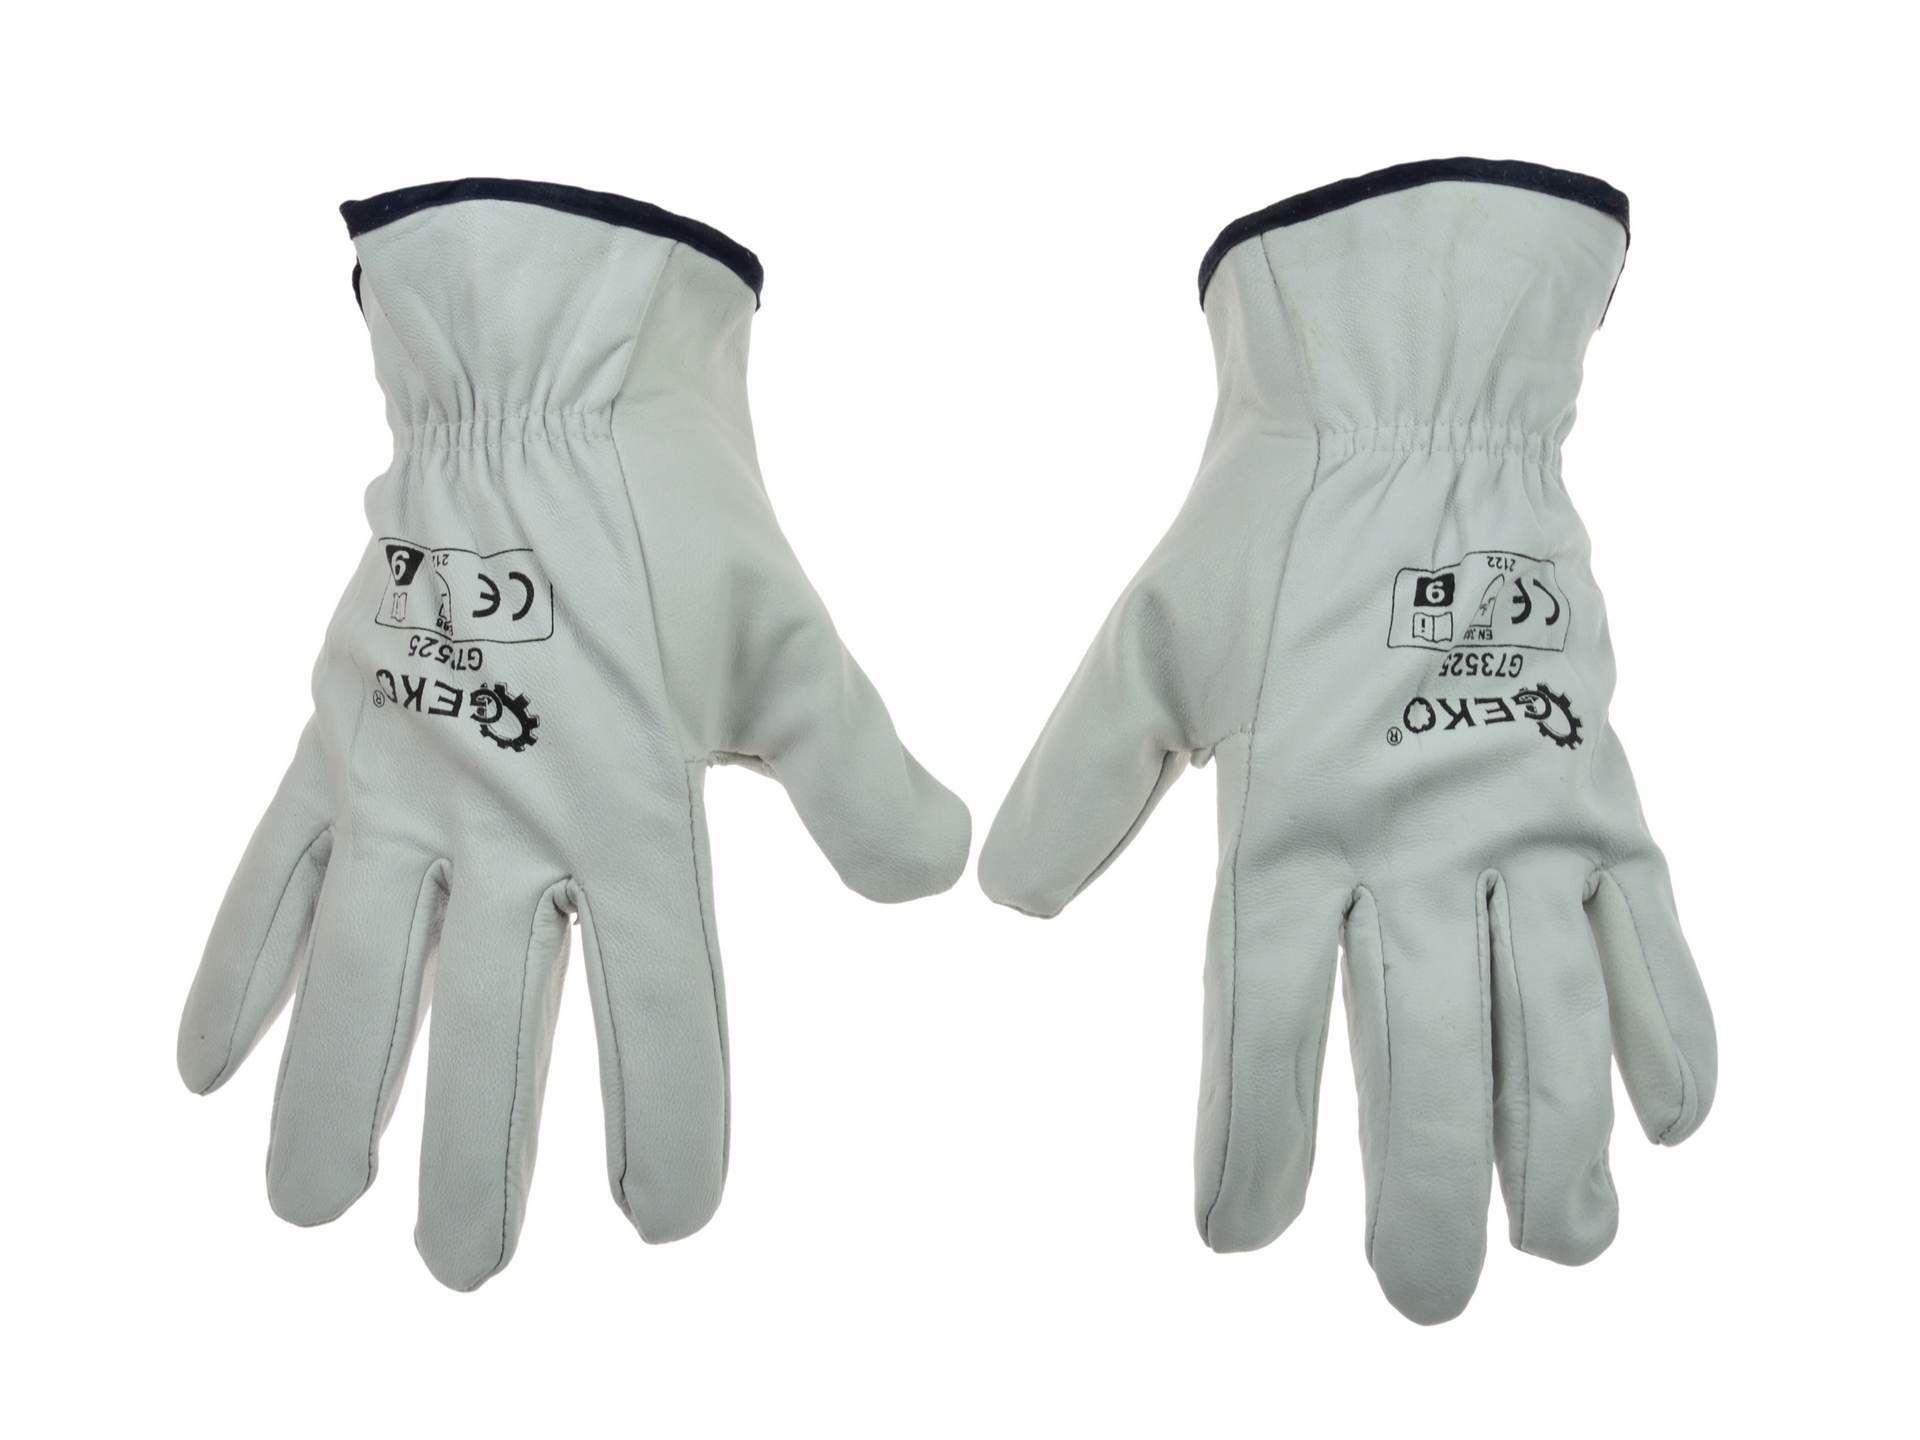 Pracovní kožené rukavice, vel. 10 GEKO